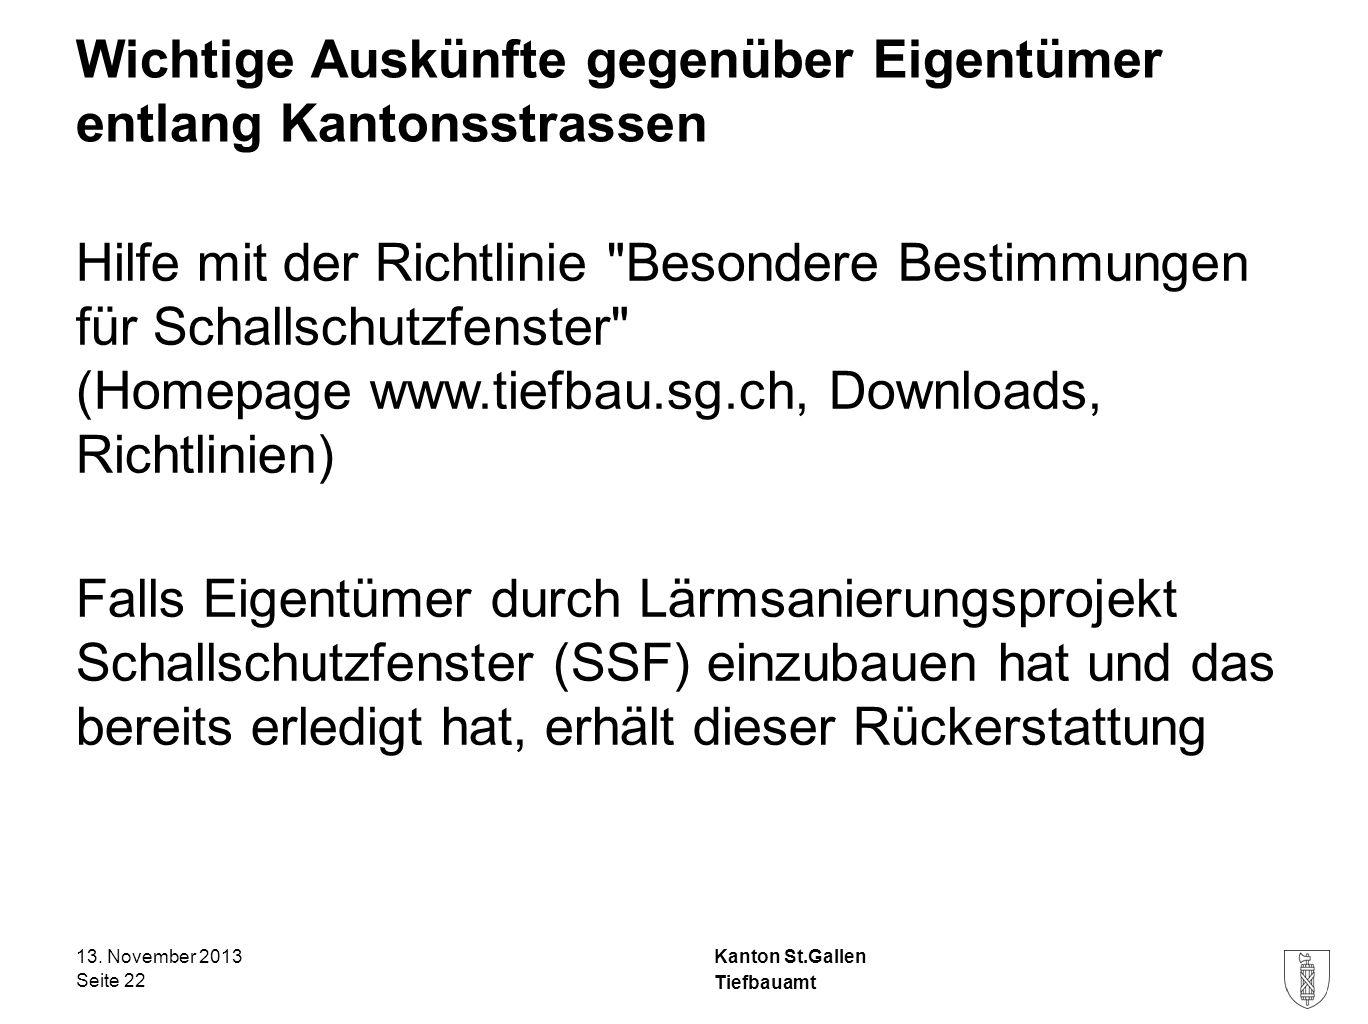 Kanton St.Gallen Wichtige Auskünfte gegenüber Eigentümer entlang Kantonsstrassen Hilfe mit der Richtlinie